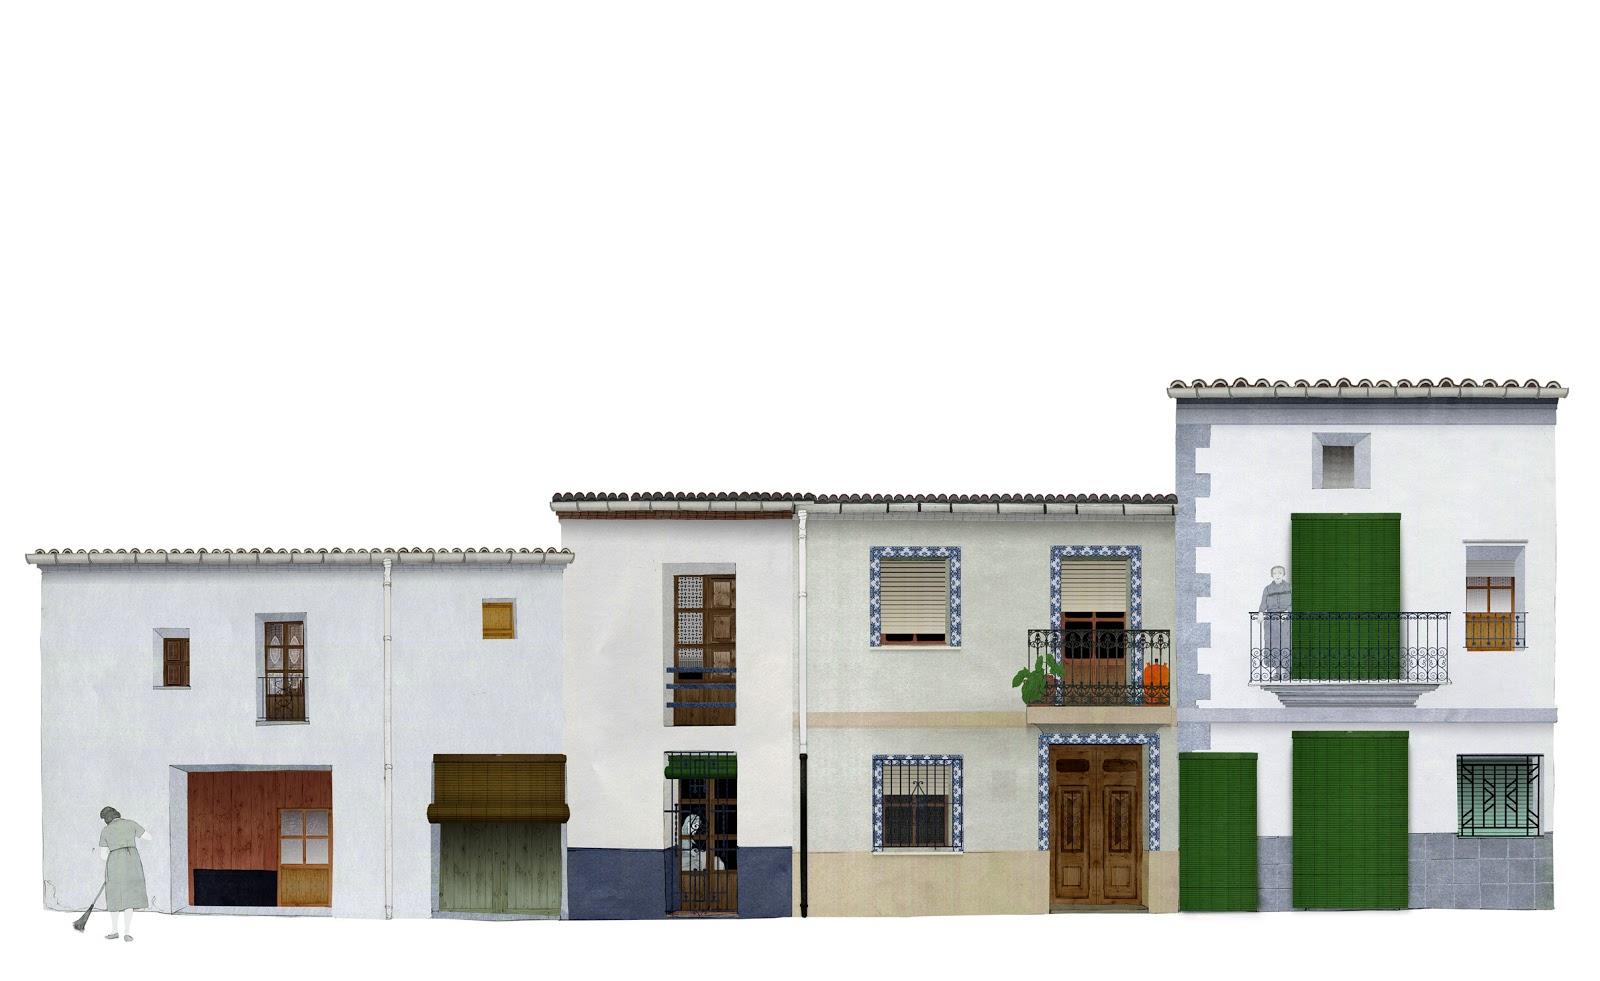 arquitectura rural, calle , casas , vividas, dibujo